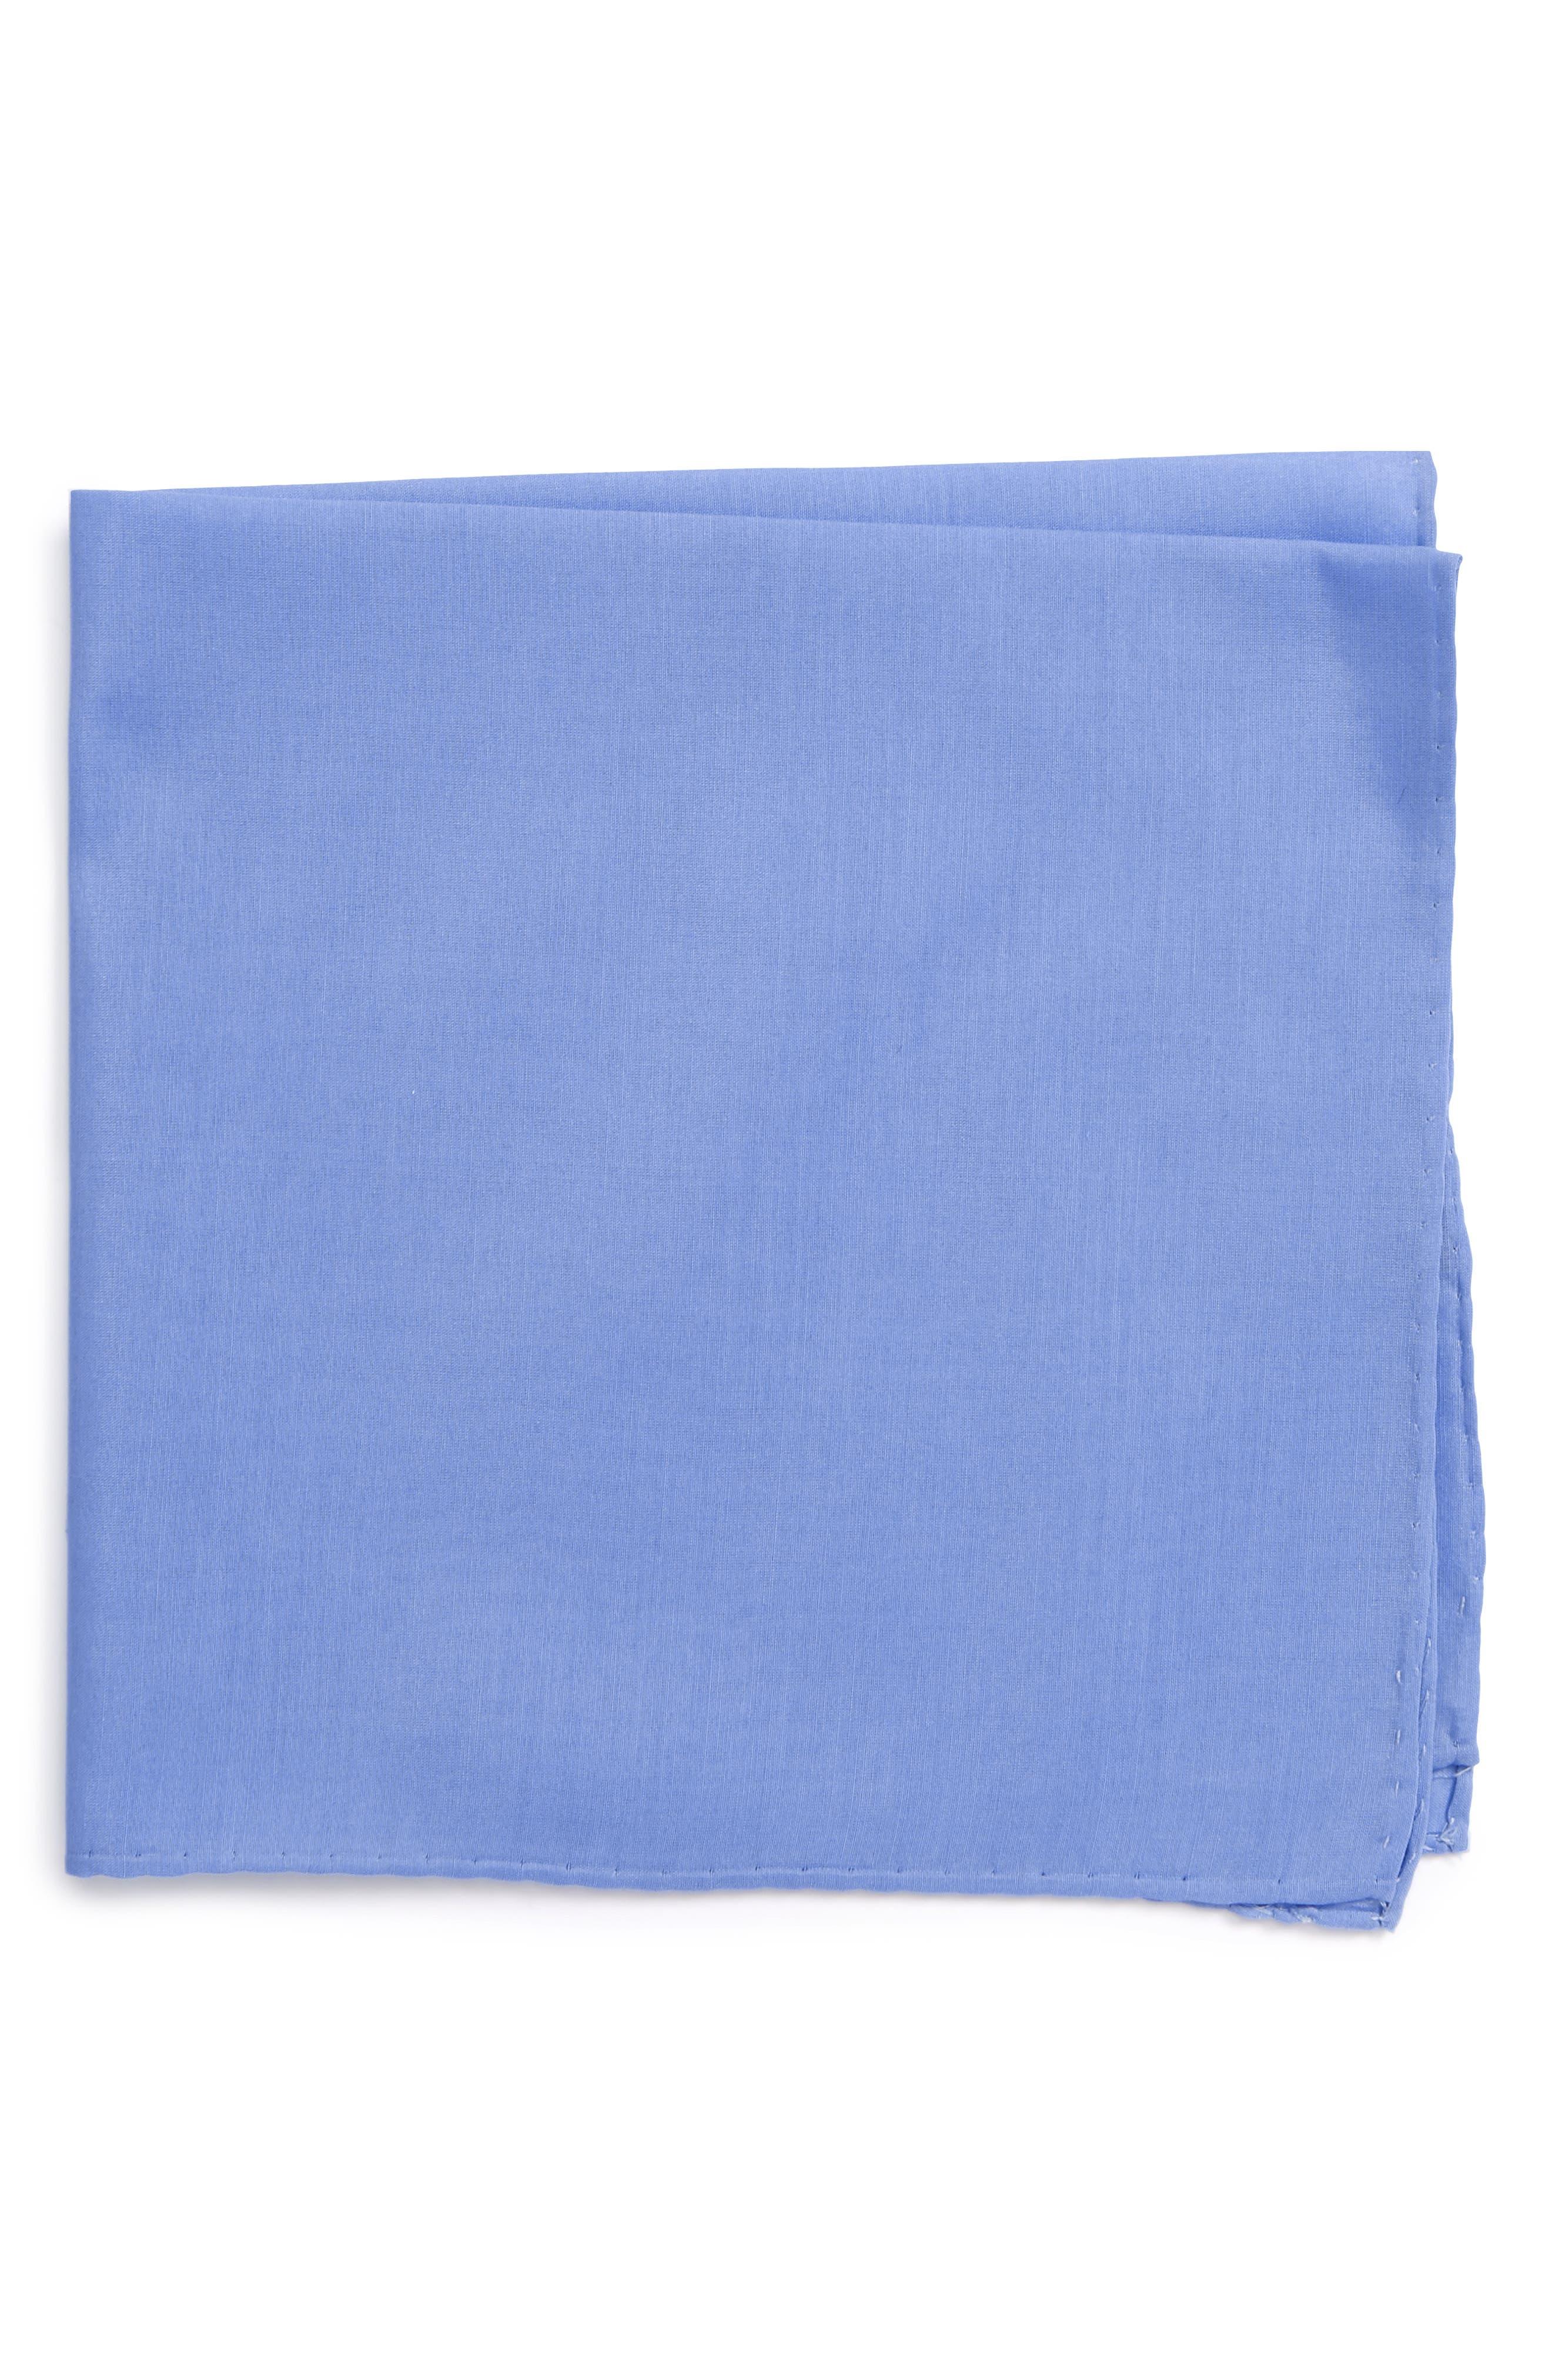 Alternate Image 1 Selected - Nordstrom Men's Shop Solid Cotton & Silk Pocket Square